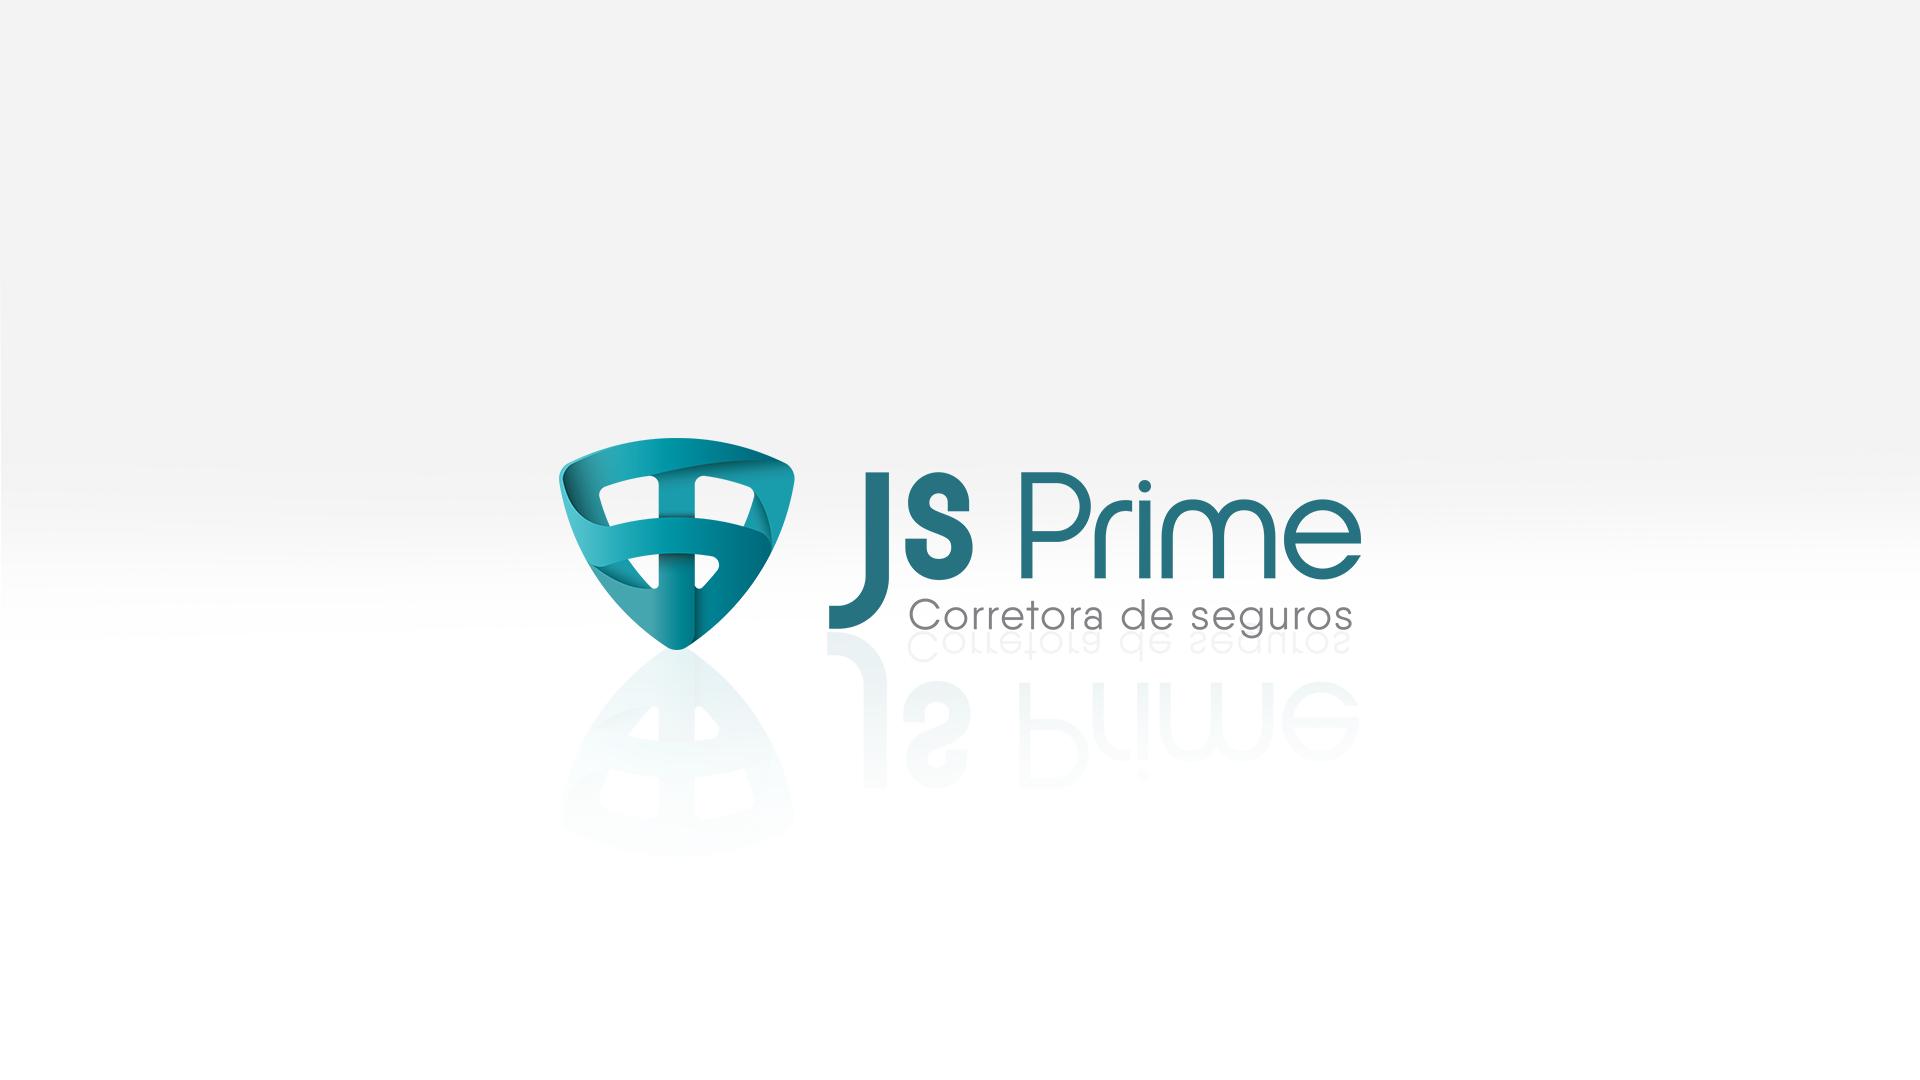 criacao-de-identidade-visual-JSprime